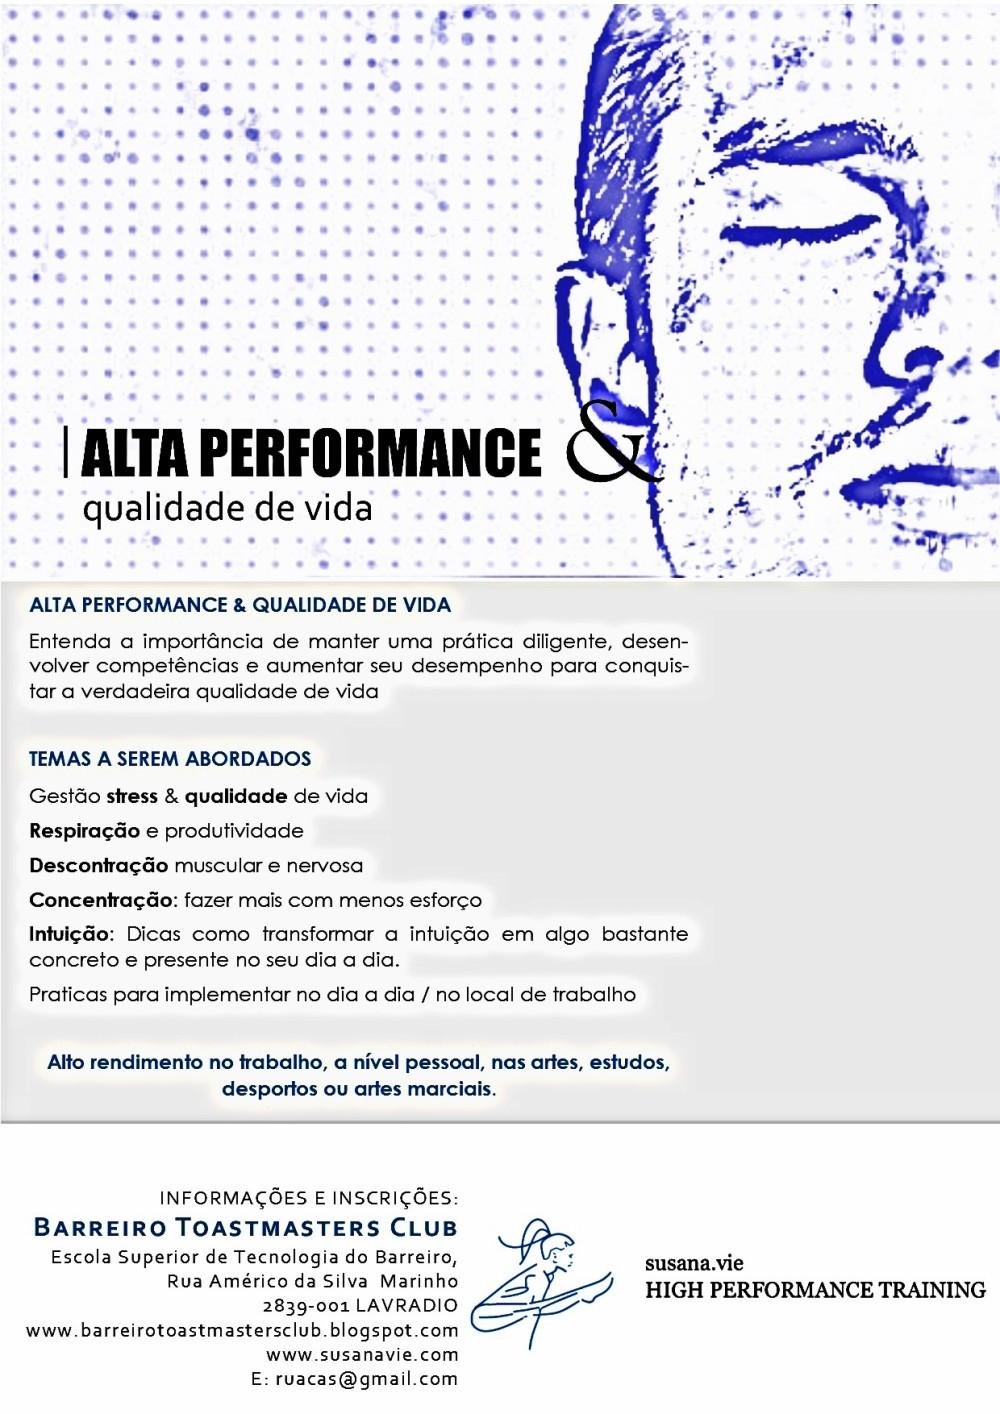 Publicação_Alta_Performance TOSTMASTERS-002